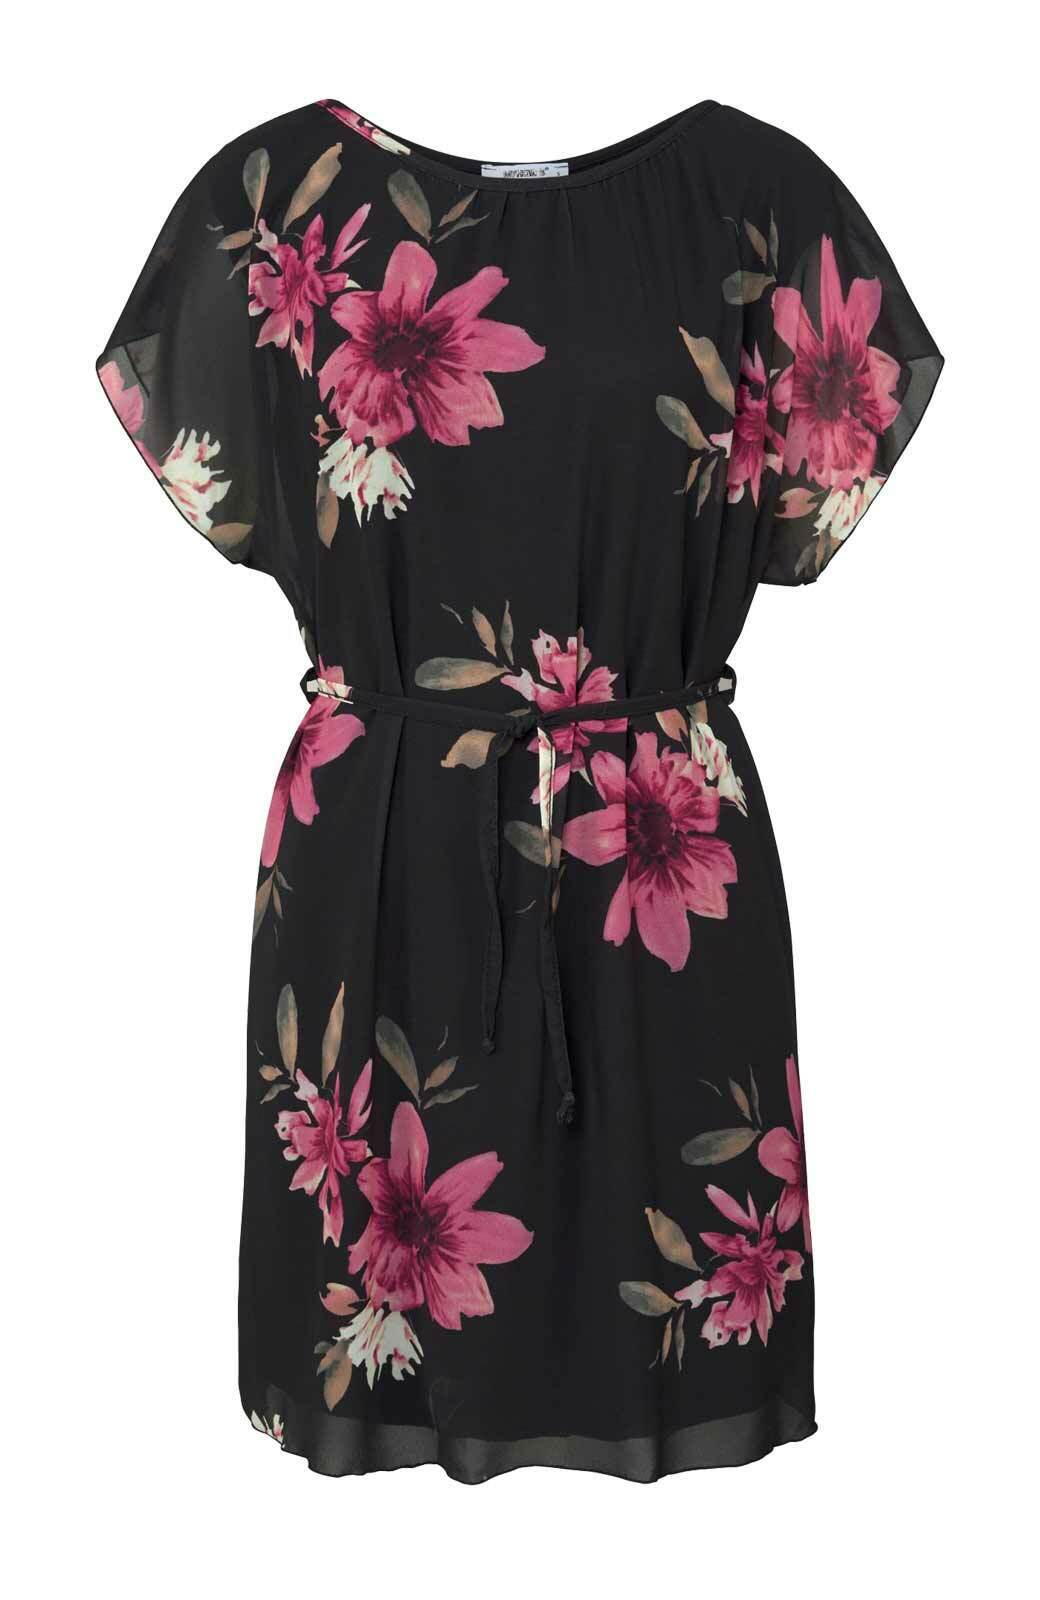 Kleid Hailys schwarz bunt Blumen kurz ausgestellt Gr L M XL